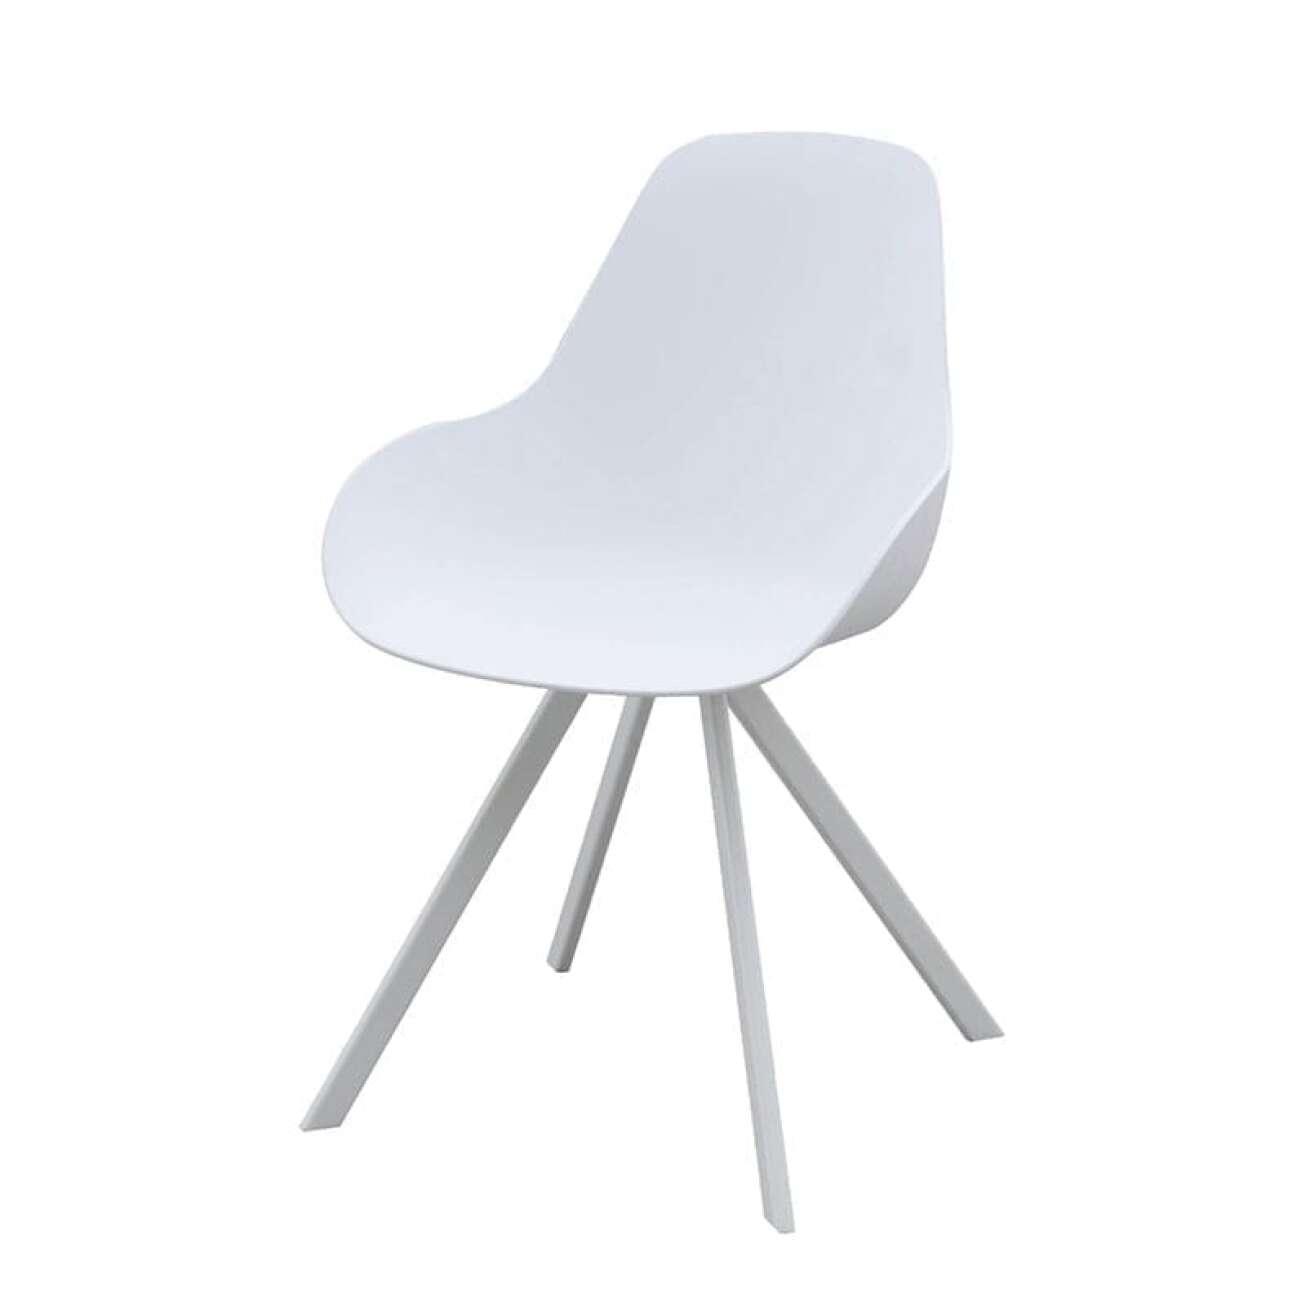 Gardenart Designstol Hvit Hagemøbler og utemøbler - Fine design